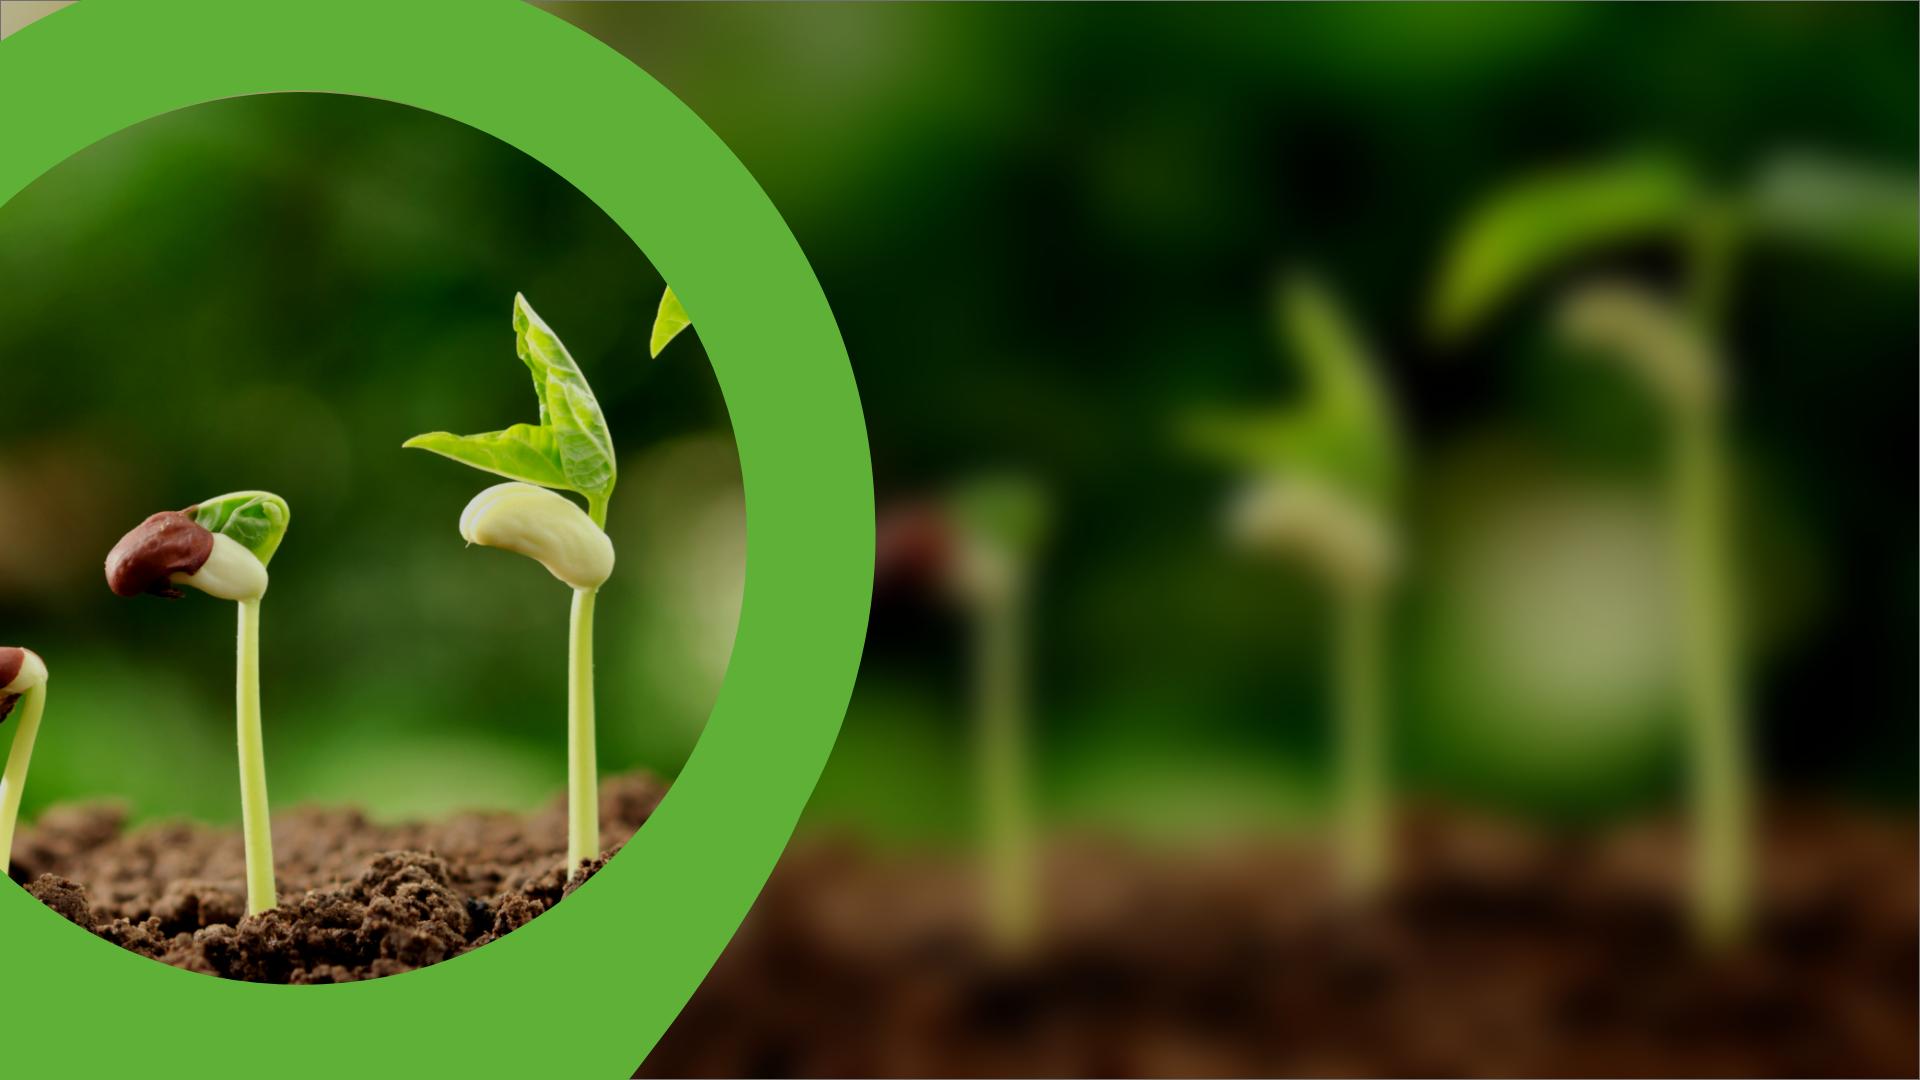 LINKINFARM - La digitalisation au service de la délégation de travaux aux cultures pour accompagner l'agriculteur dans sa transition agro écologique